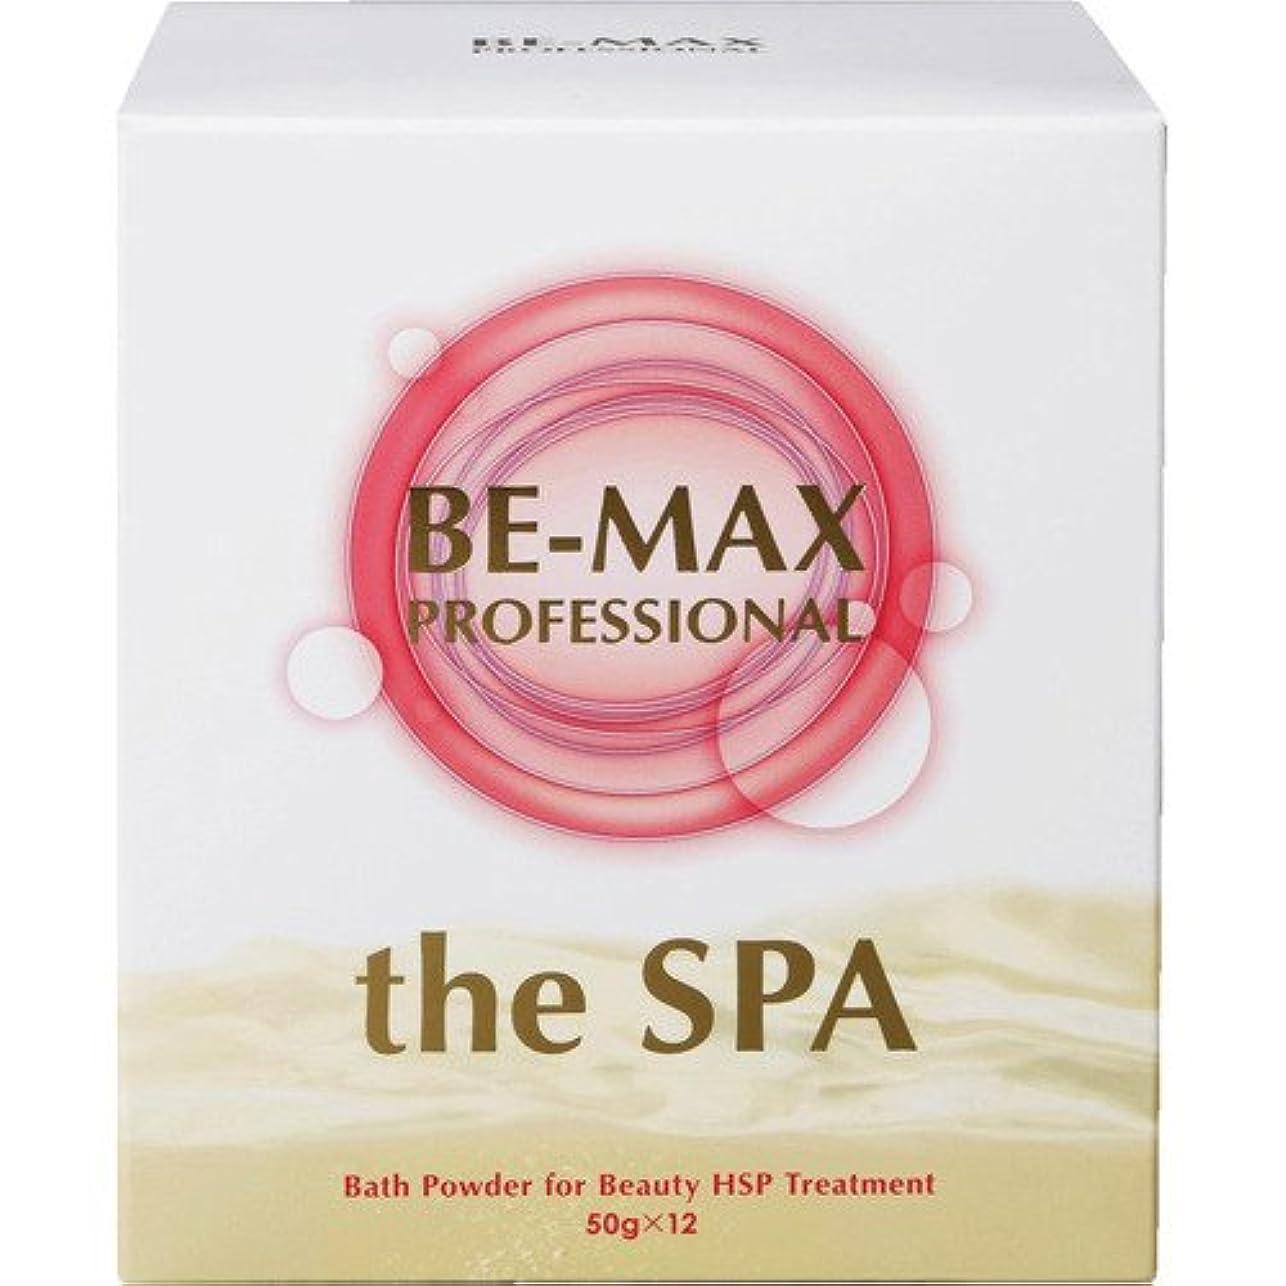 否定するメンバー現像BE-MAX the SPA 入浴剤 柑橘系ハーブ精油がふわりと香る微炭酸湯